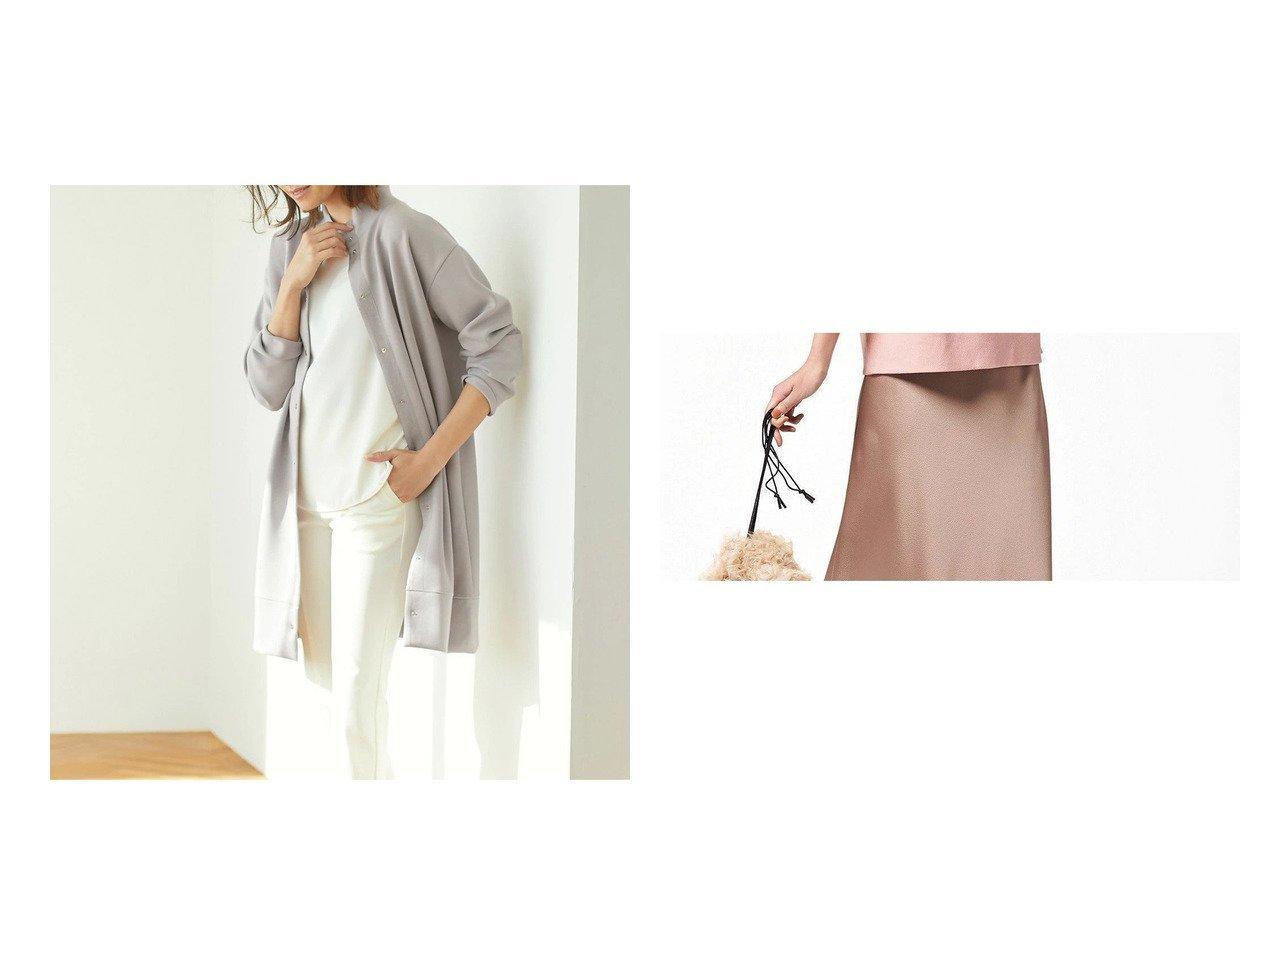 【DoCLASSE/ドゥクラッセ】のシャインストレッチ・2WAYチュニック&ループ裏毛・モックネックトップス ドゥクラッセの40代、50代の方におすすめ!人気トレンド・ファッションの通販 おすすめで人気の流行・トレンド、ファッションの通販商品 メンズファッション・キッズファッション・インテリア・家具・レディースファッション・服の通販 founy(ファニー) https://founy.com/ ファッション Fashion レディースファッション WOMEN トップス カットソー Tops Tshirt おすすめ Recommend ショルダー スウェット トレンド トレーナー ドロップ ループ 春 Spring なめらか チュニック ハイネック |ID:crp329100000021628